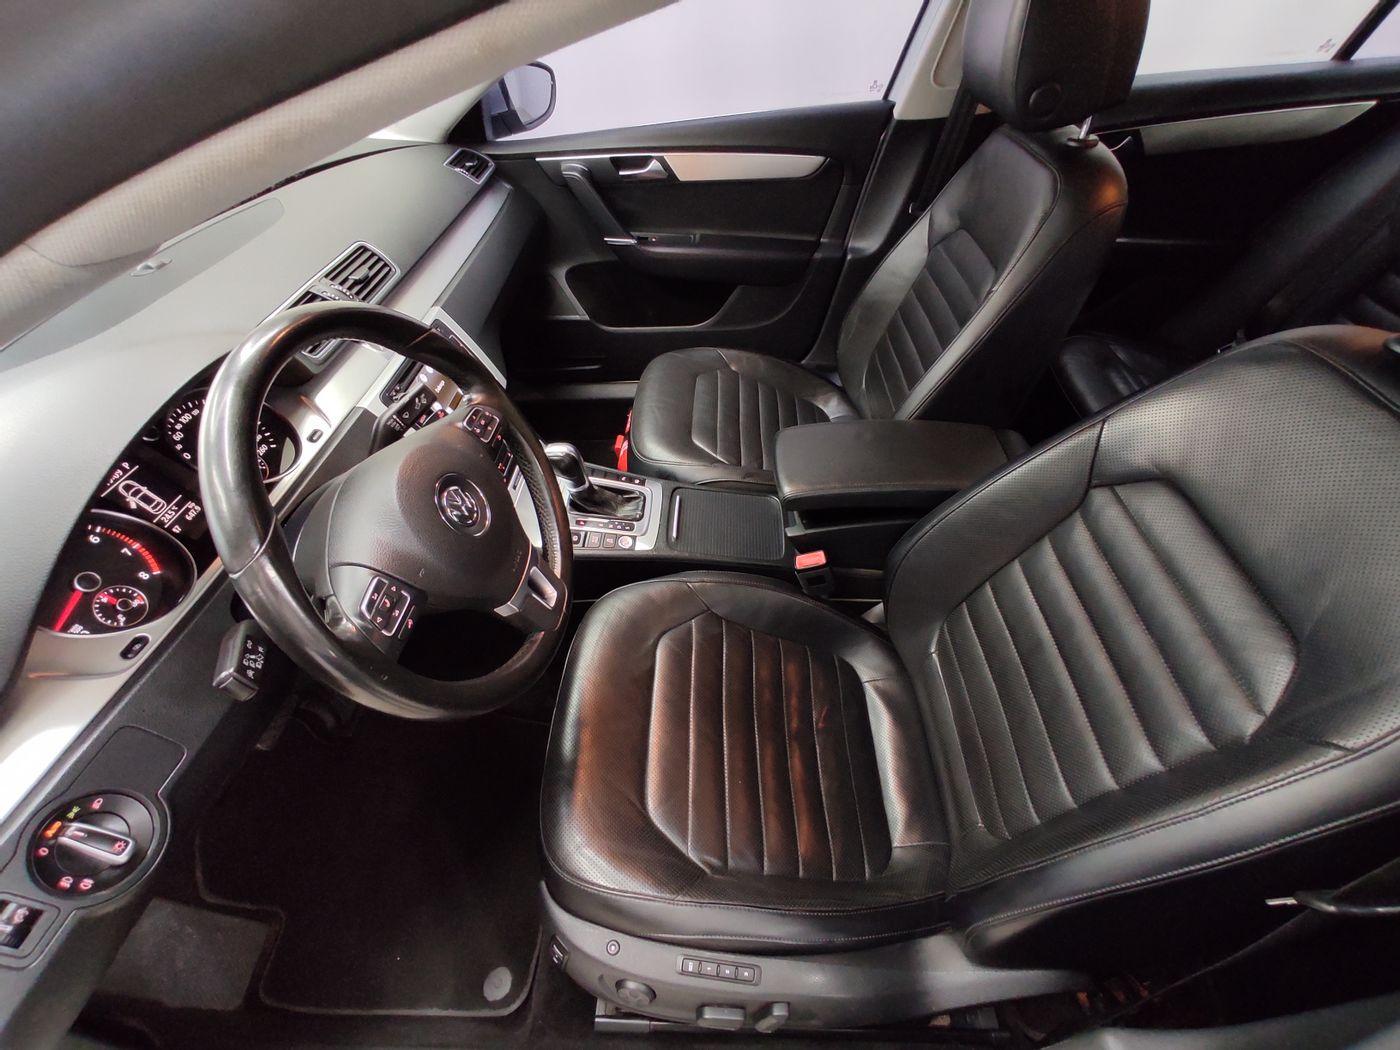 VolksWagen Passat TB 2.0 FSI/TSI 211cv Tiptronic 4p